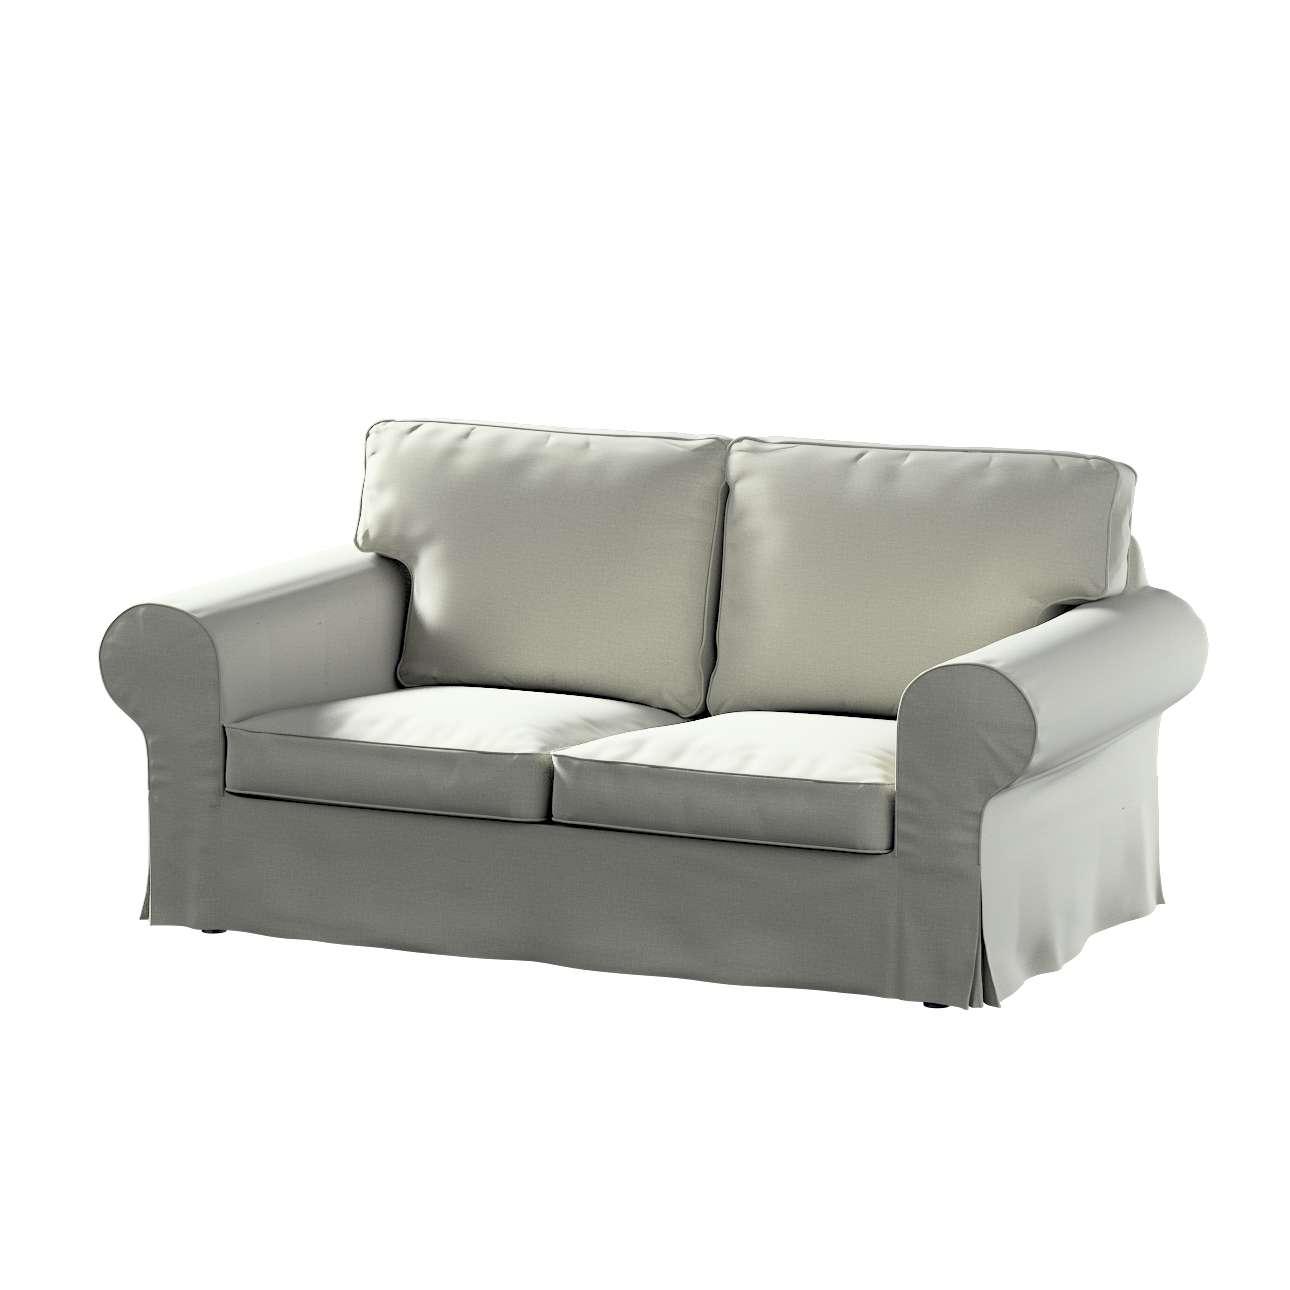 Pokrowiec na sofę Ektorp 2-osobową rozkładaną, model po 2012 w kolekcji Ingrid, tkanina: 705-41